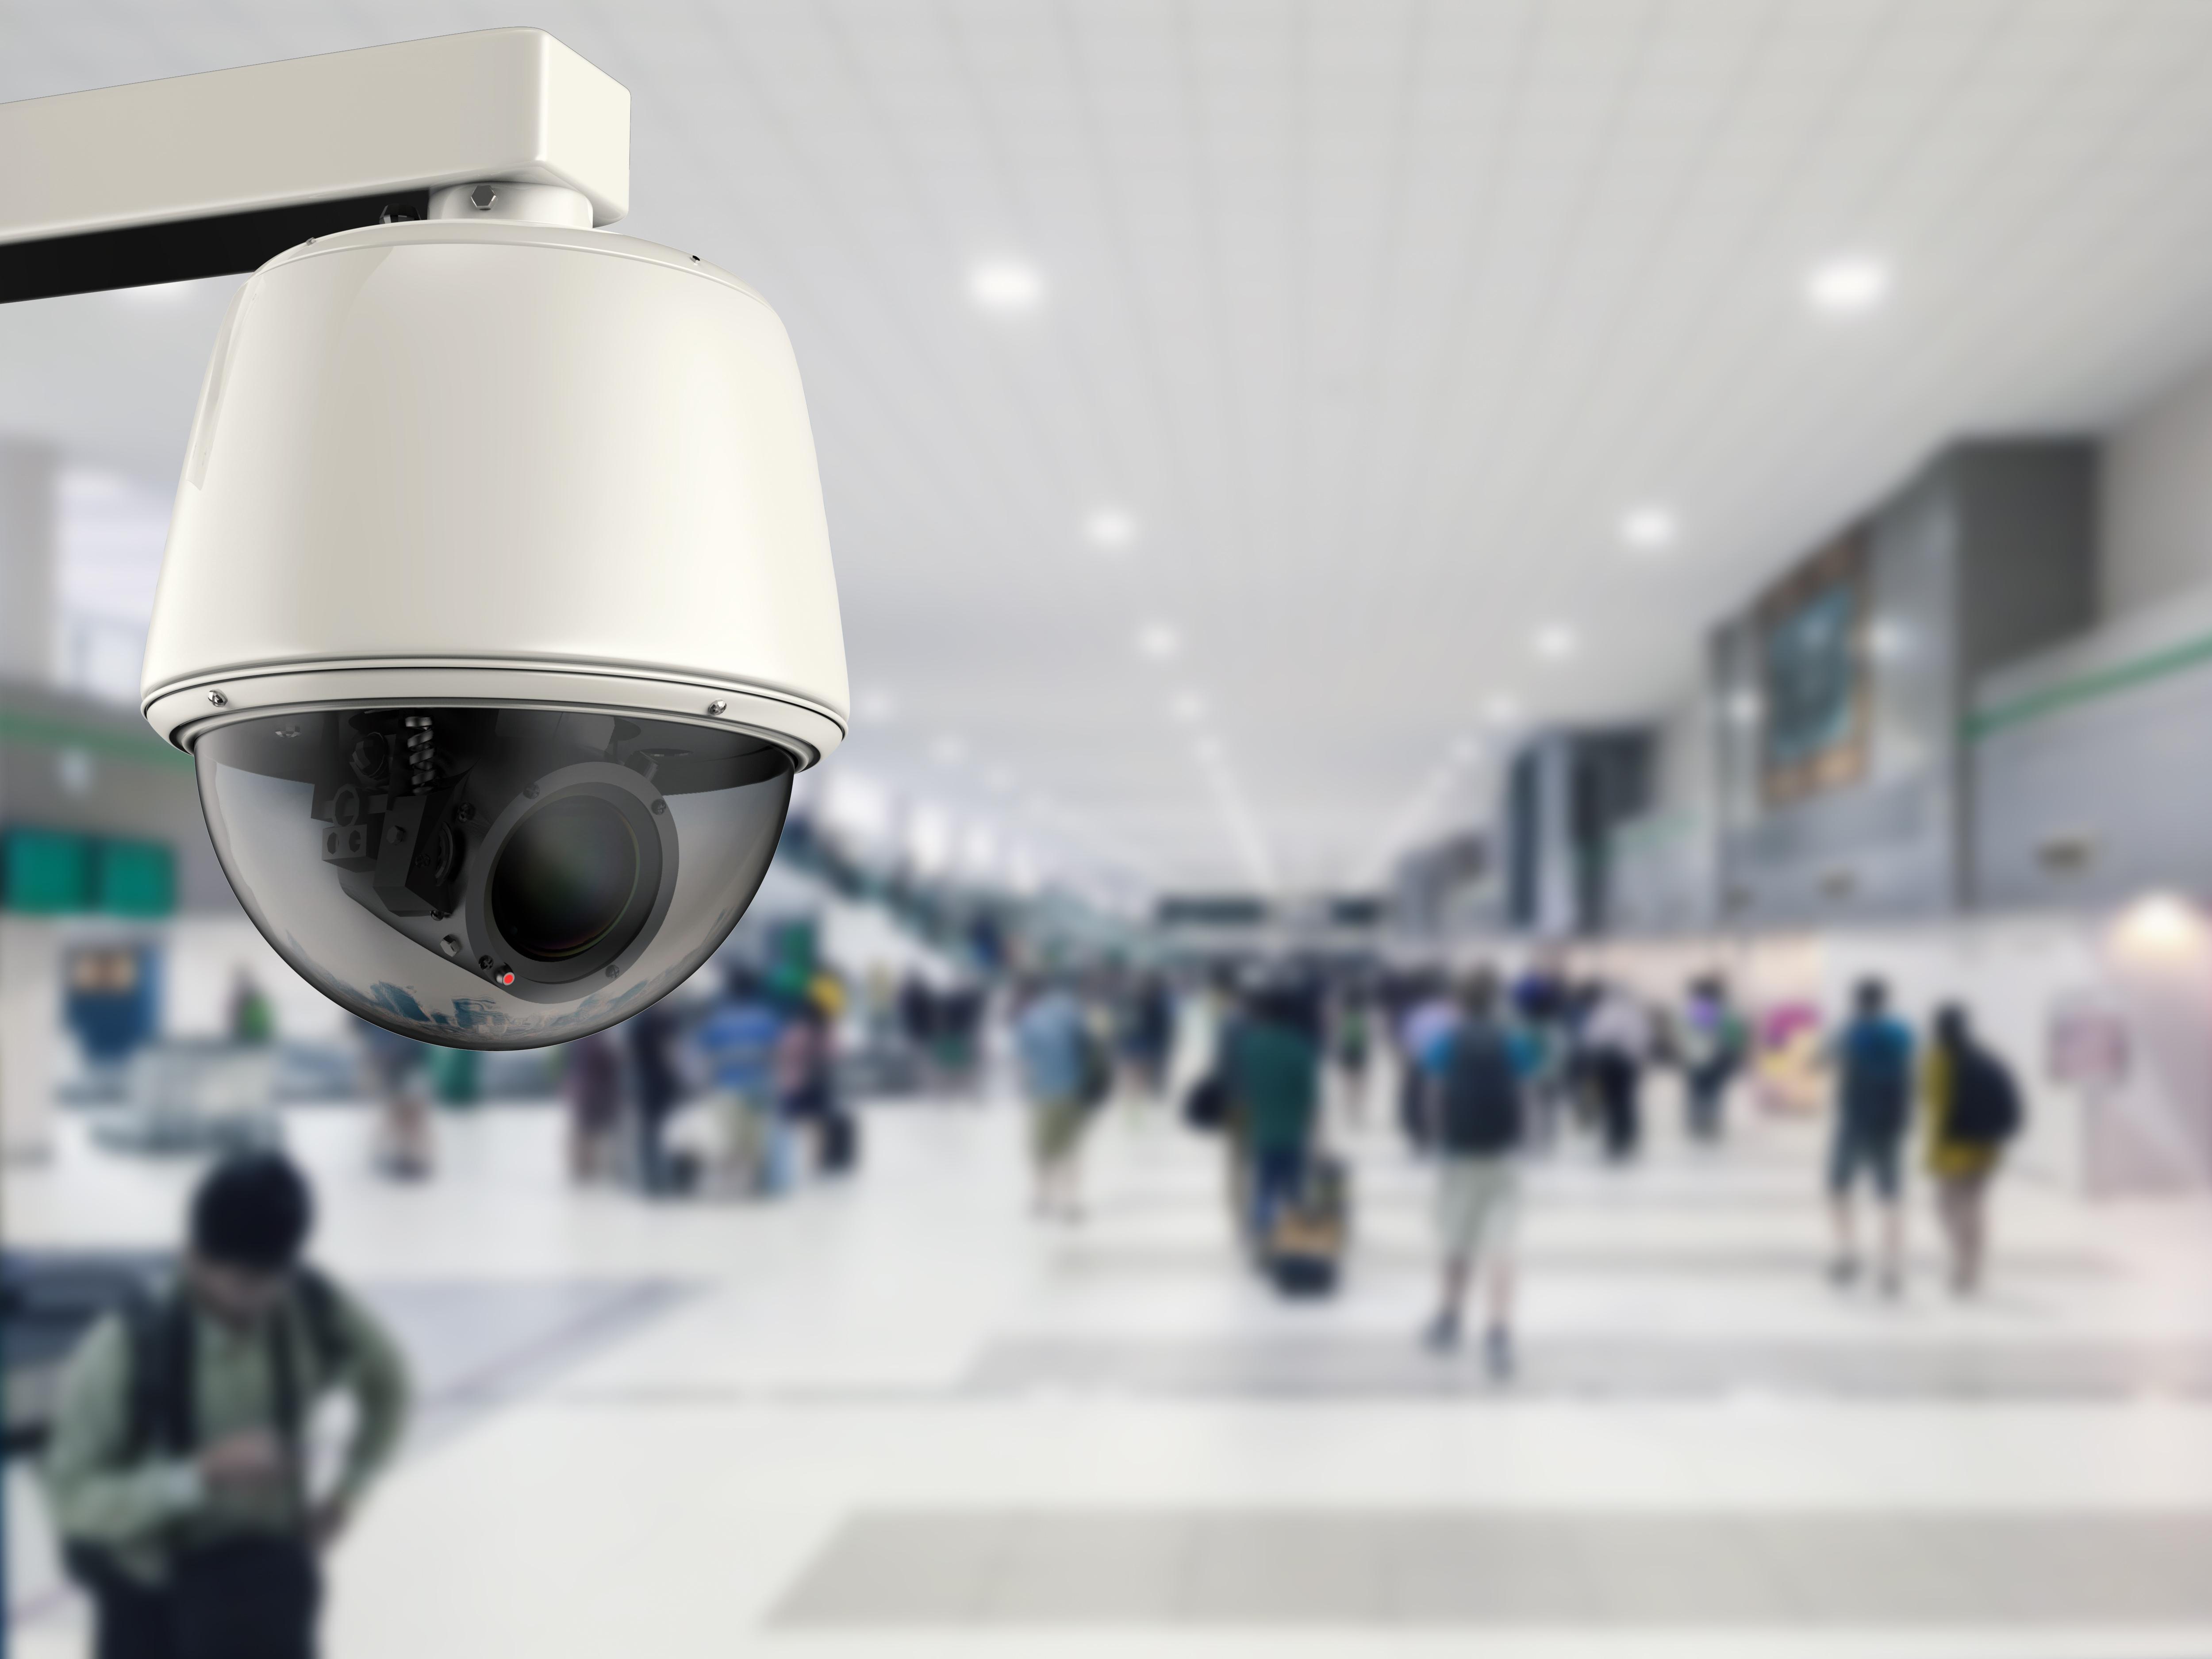 Sisteme de securitate CCTV inteligente, viitorul securității